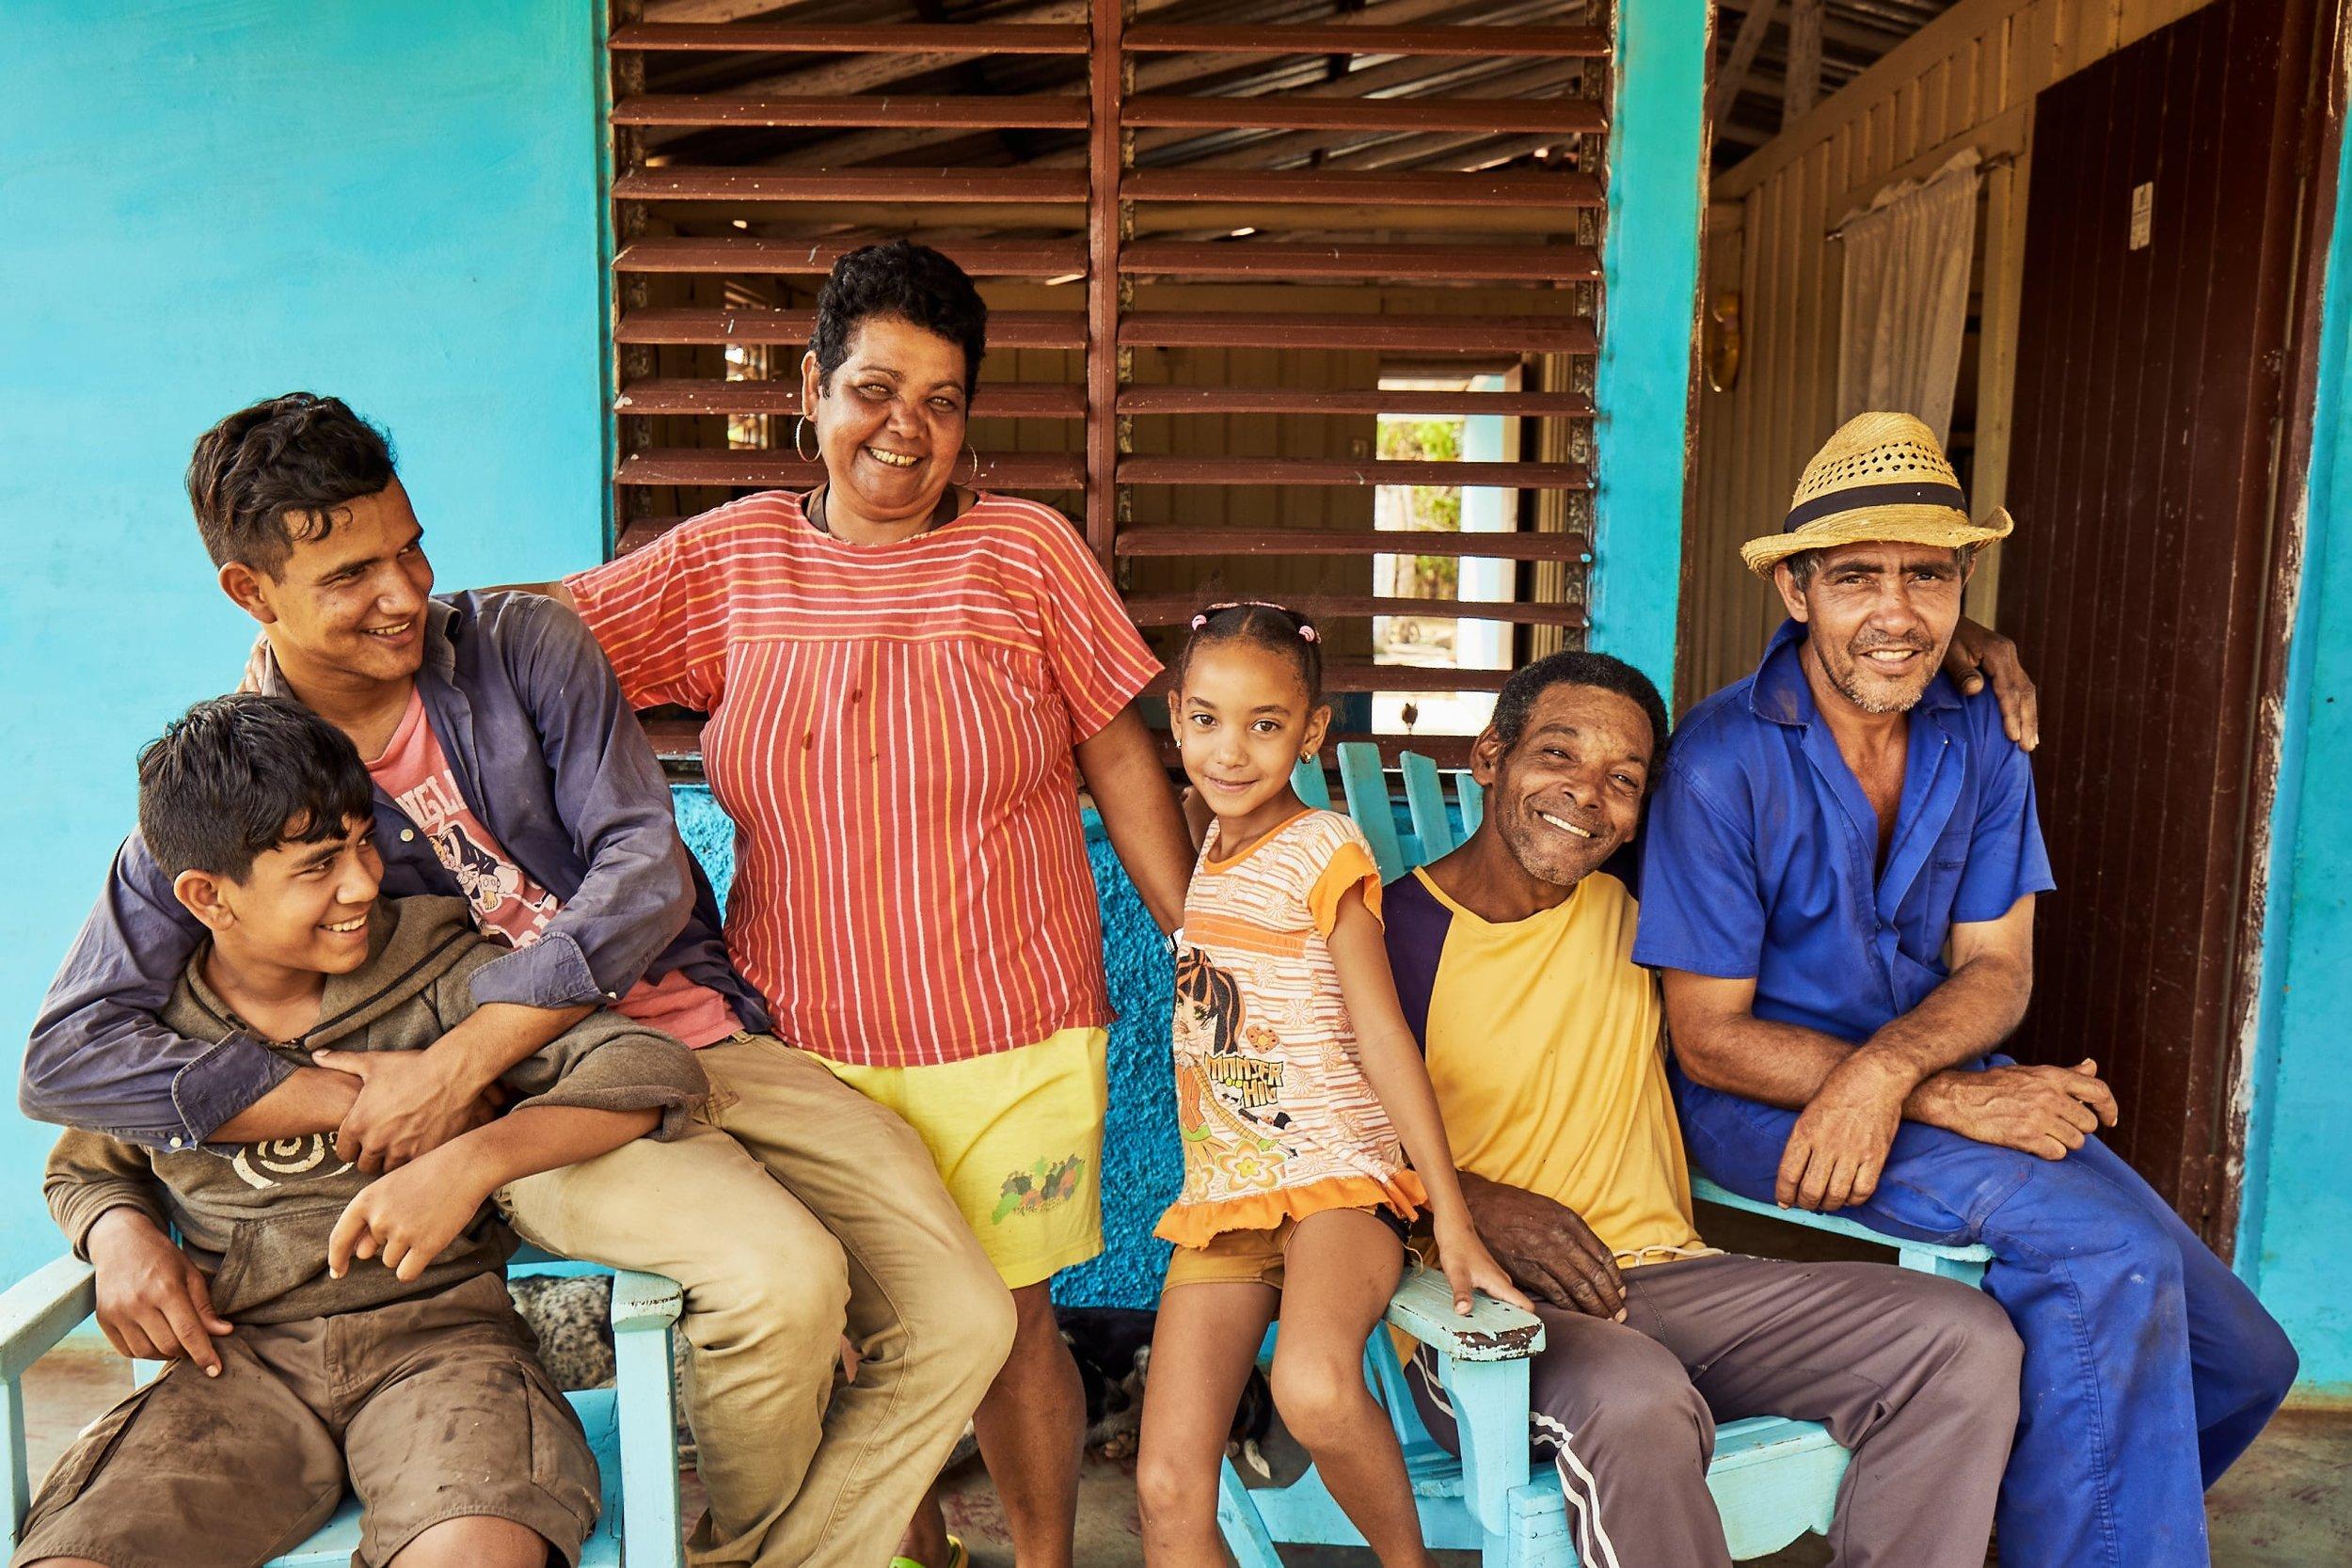 Familia Cubana (Cuban family) in Viñales, Cuba